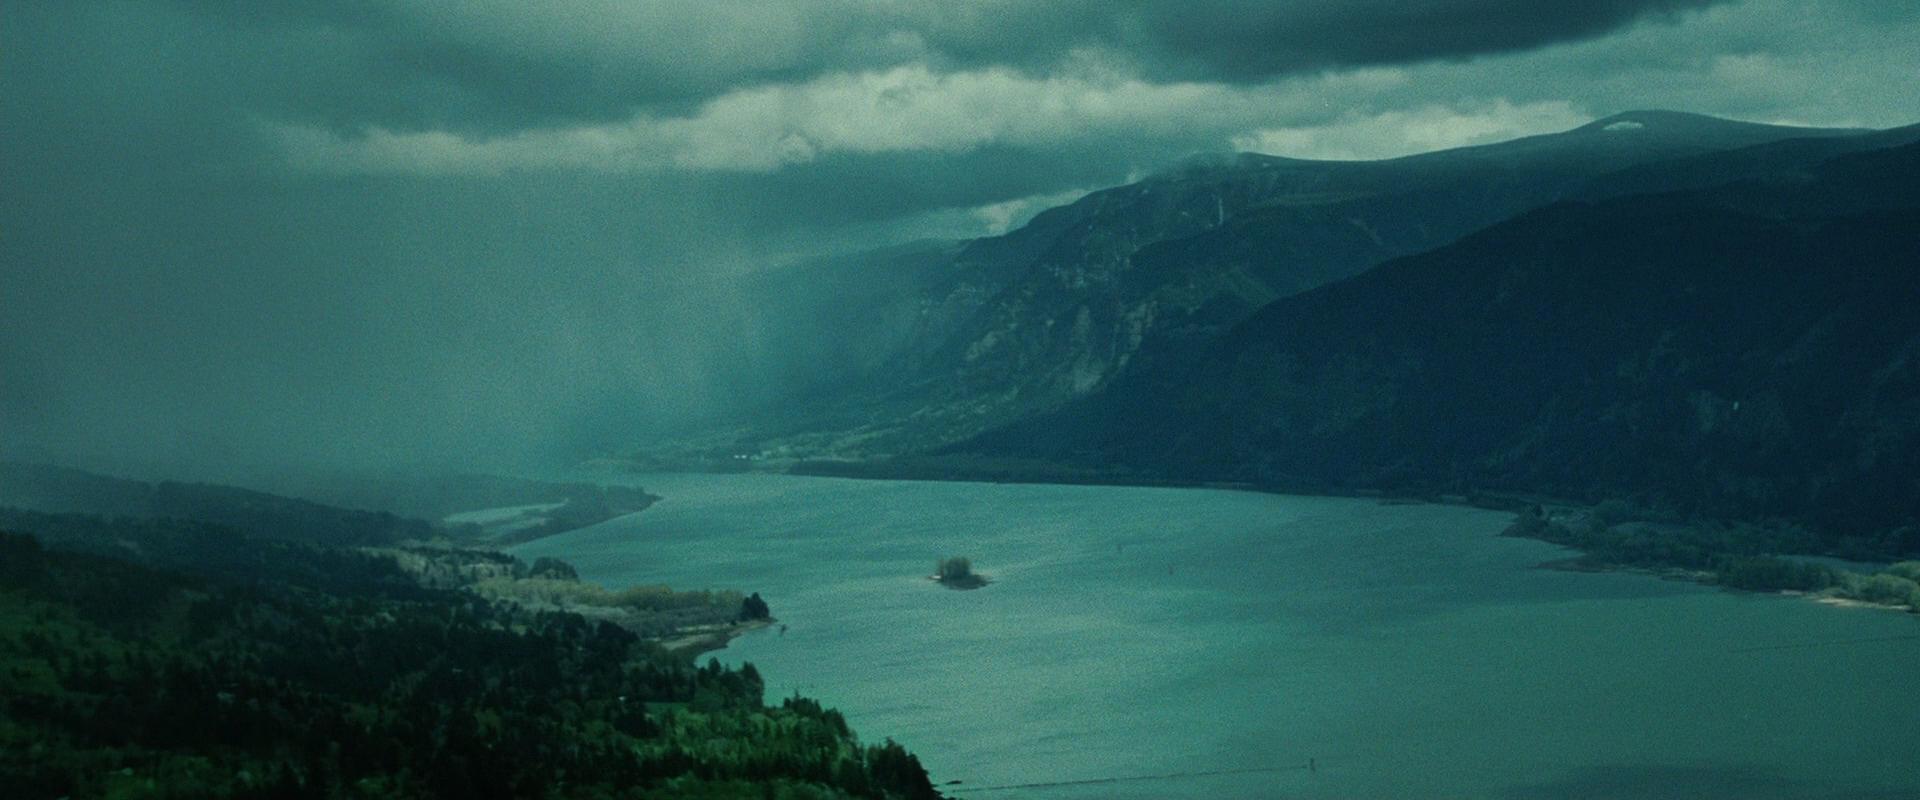 туманные облака нависают над раскинувшимися красотами